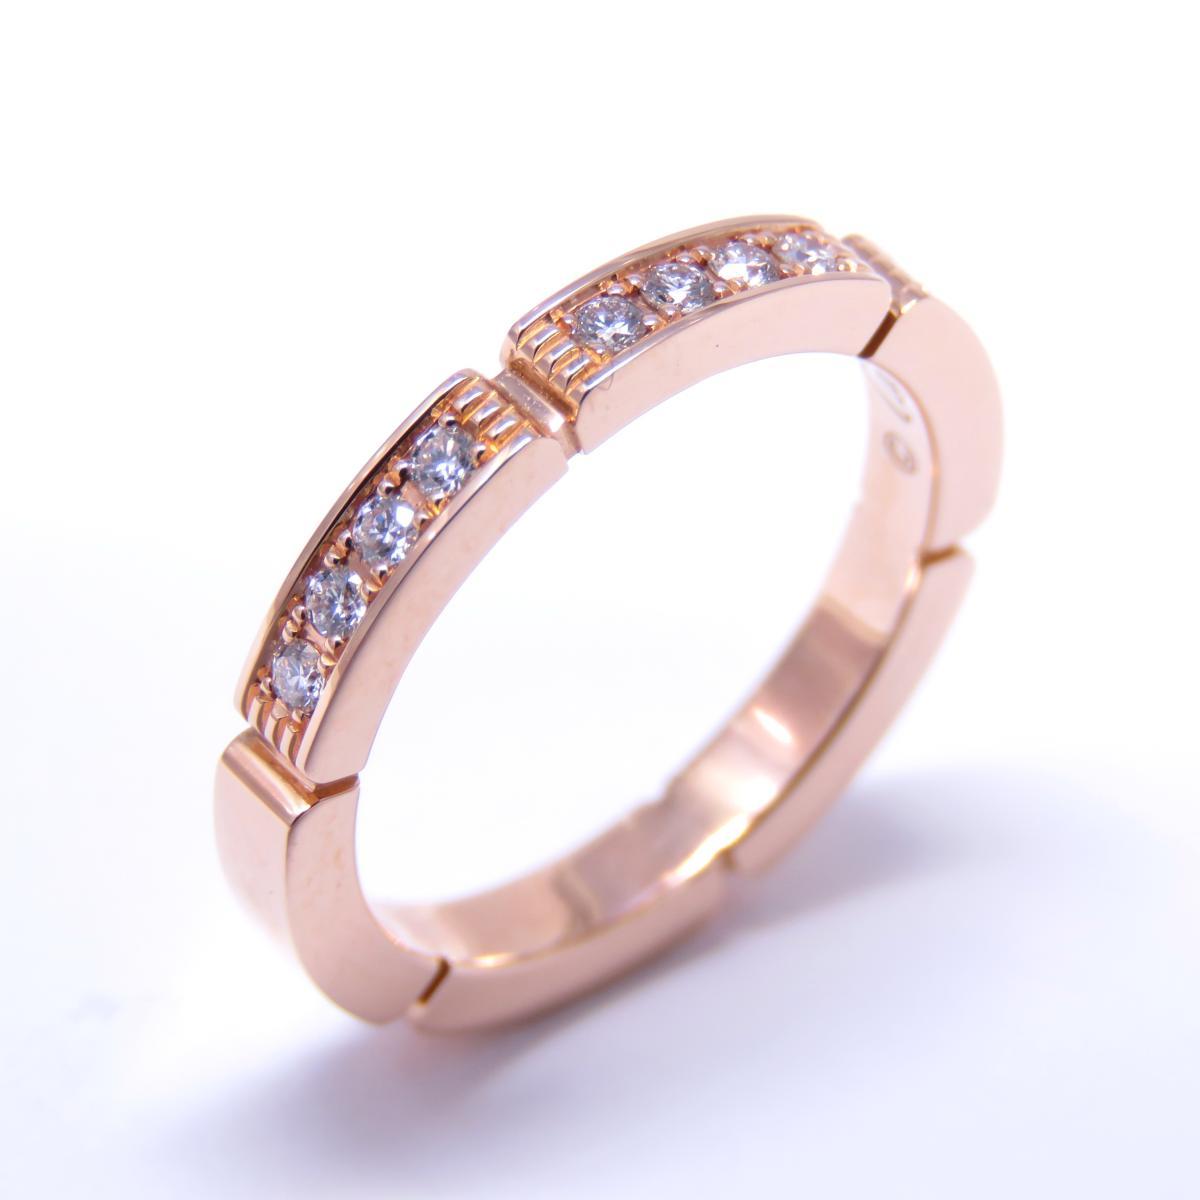 【特価商品】Cartier(カルティエ)/マイヨンパンテール ハーフD リング 指輪/リング//K18PG(750)ピンクゴールド/【ランクA】/#48/8号【中古】